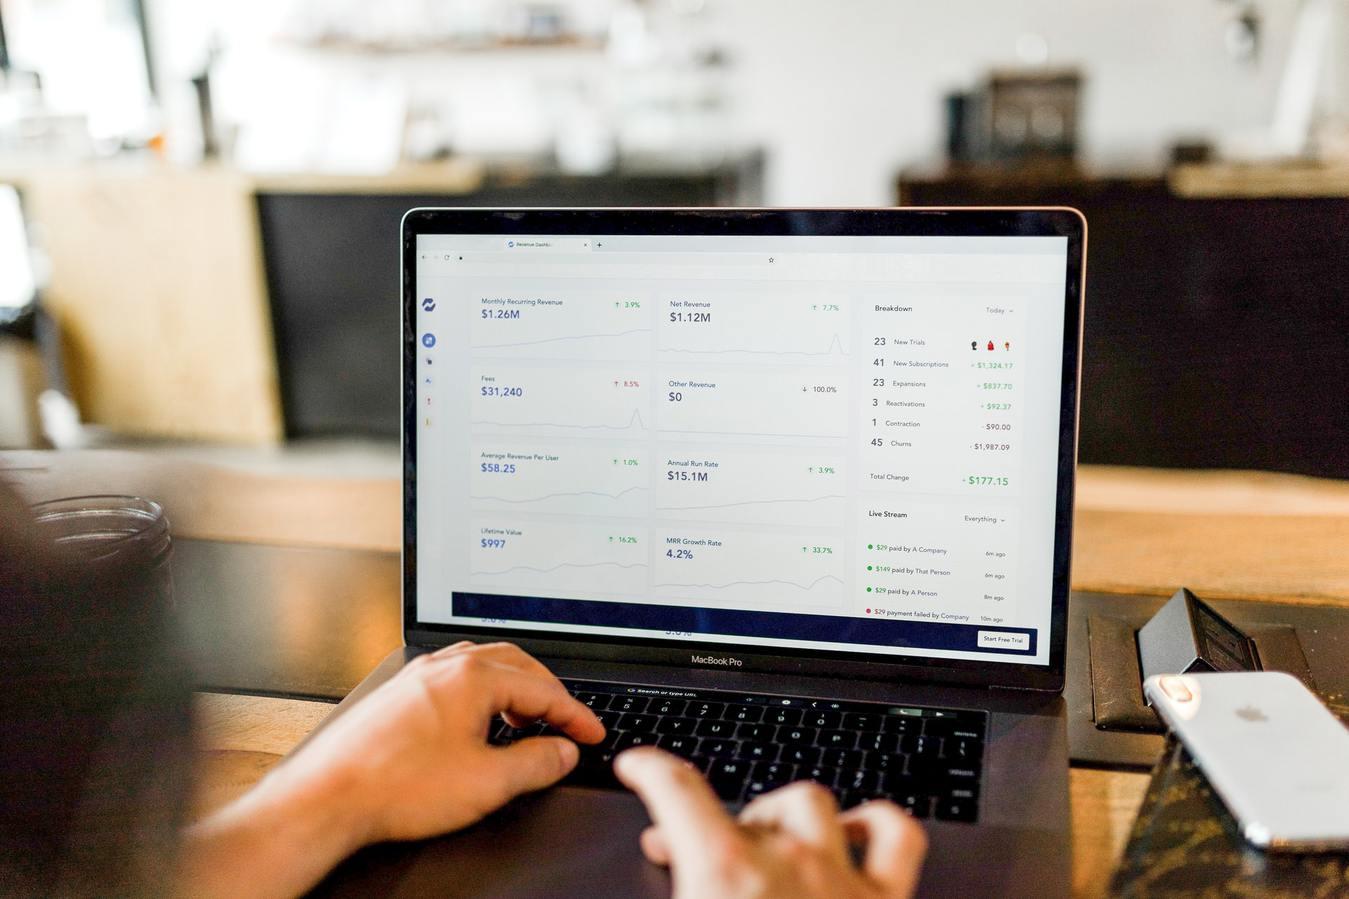 Een persoon op een laptop die naar getallen kijkt